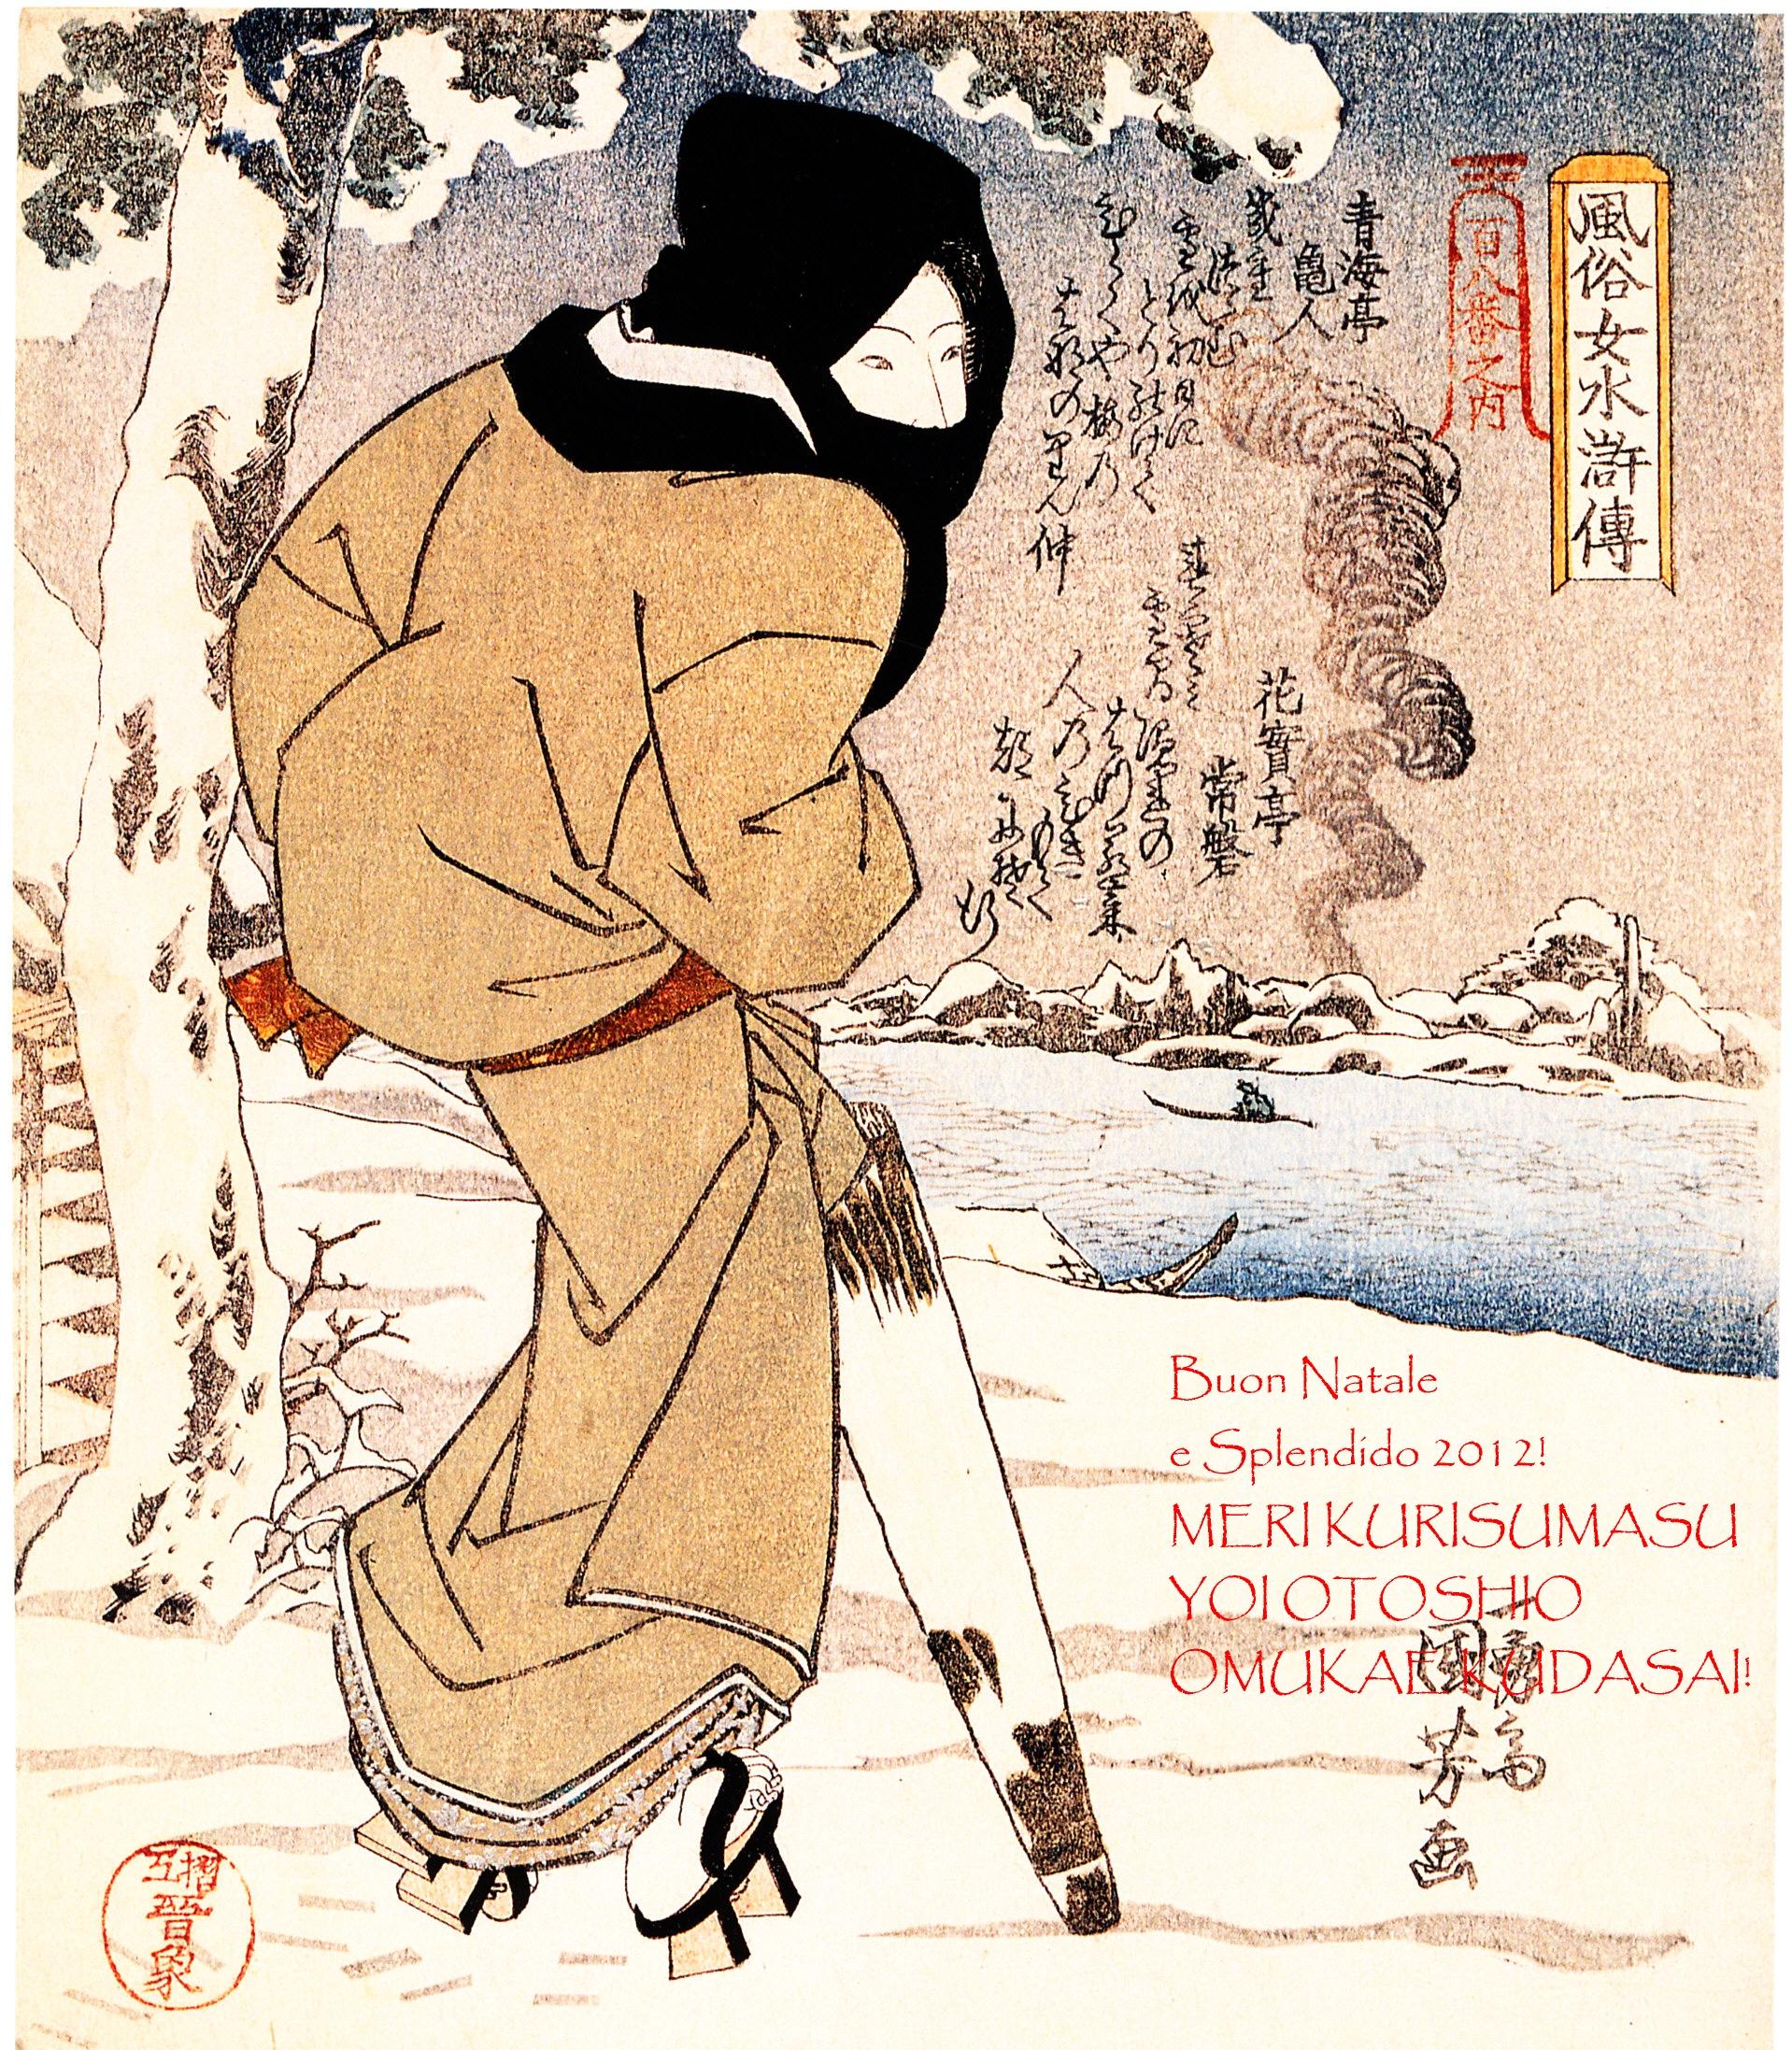 Immagini Natale Zen.Buon Natale Kurisumasu Omedetou Merry Xmas Joyeux Noel